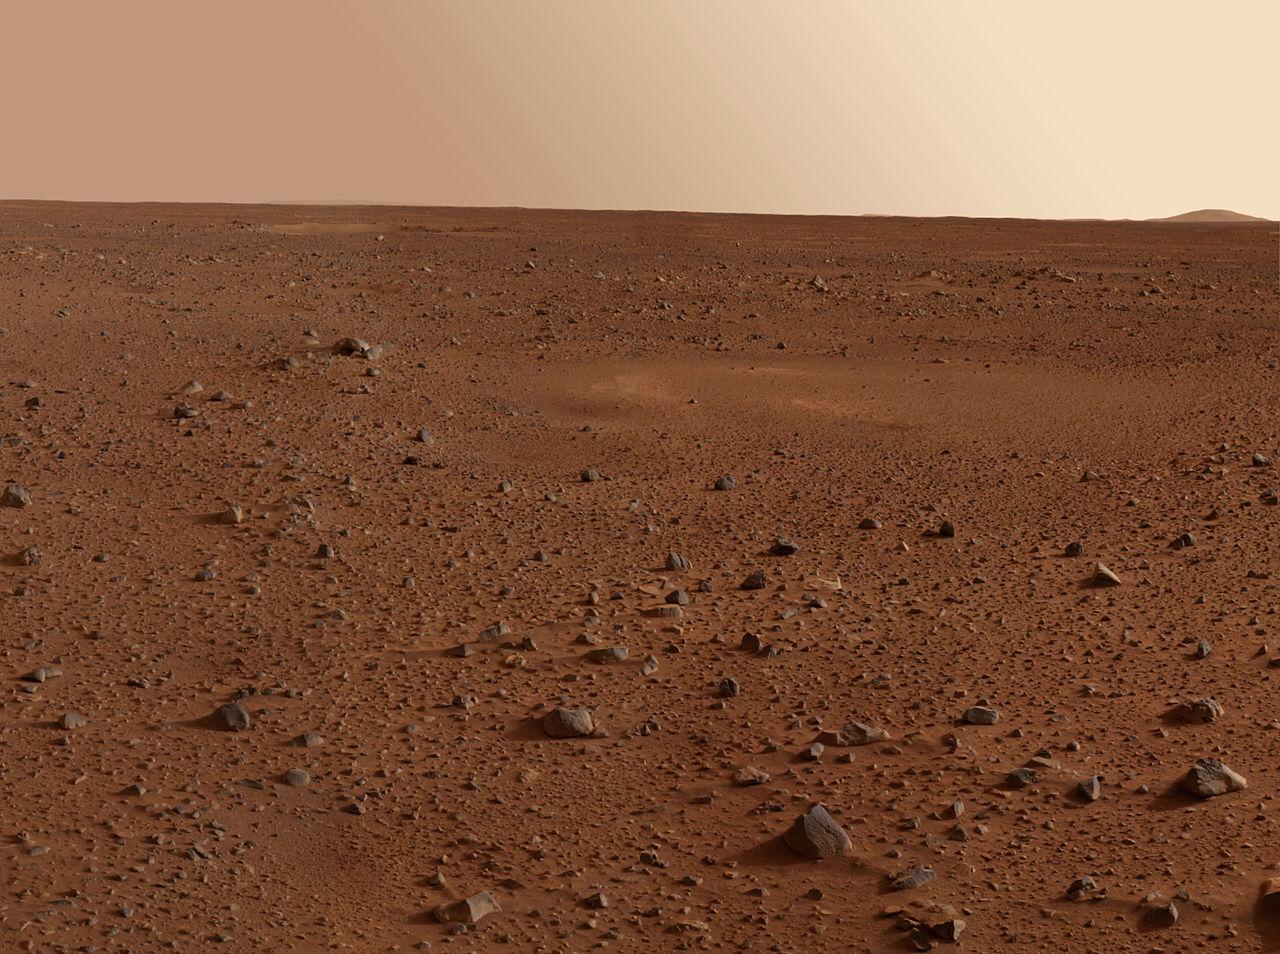 Панорамный снимок поверхности Марса, снятый в ходе программы Mars Exploration Rover